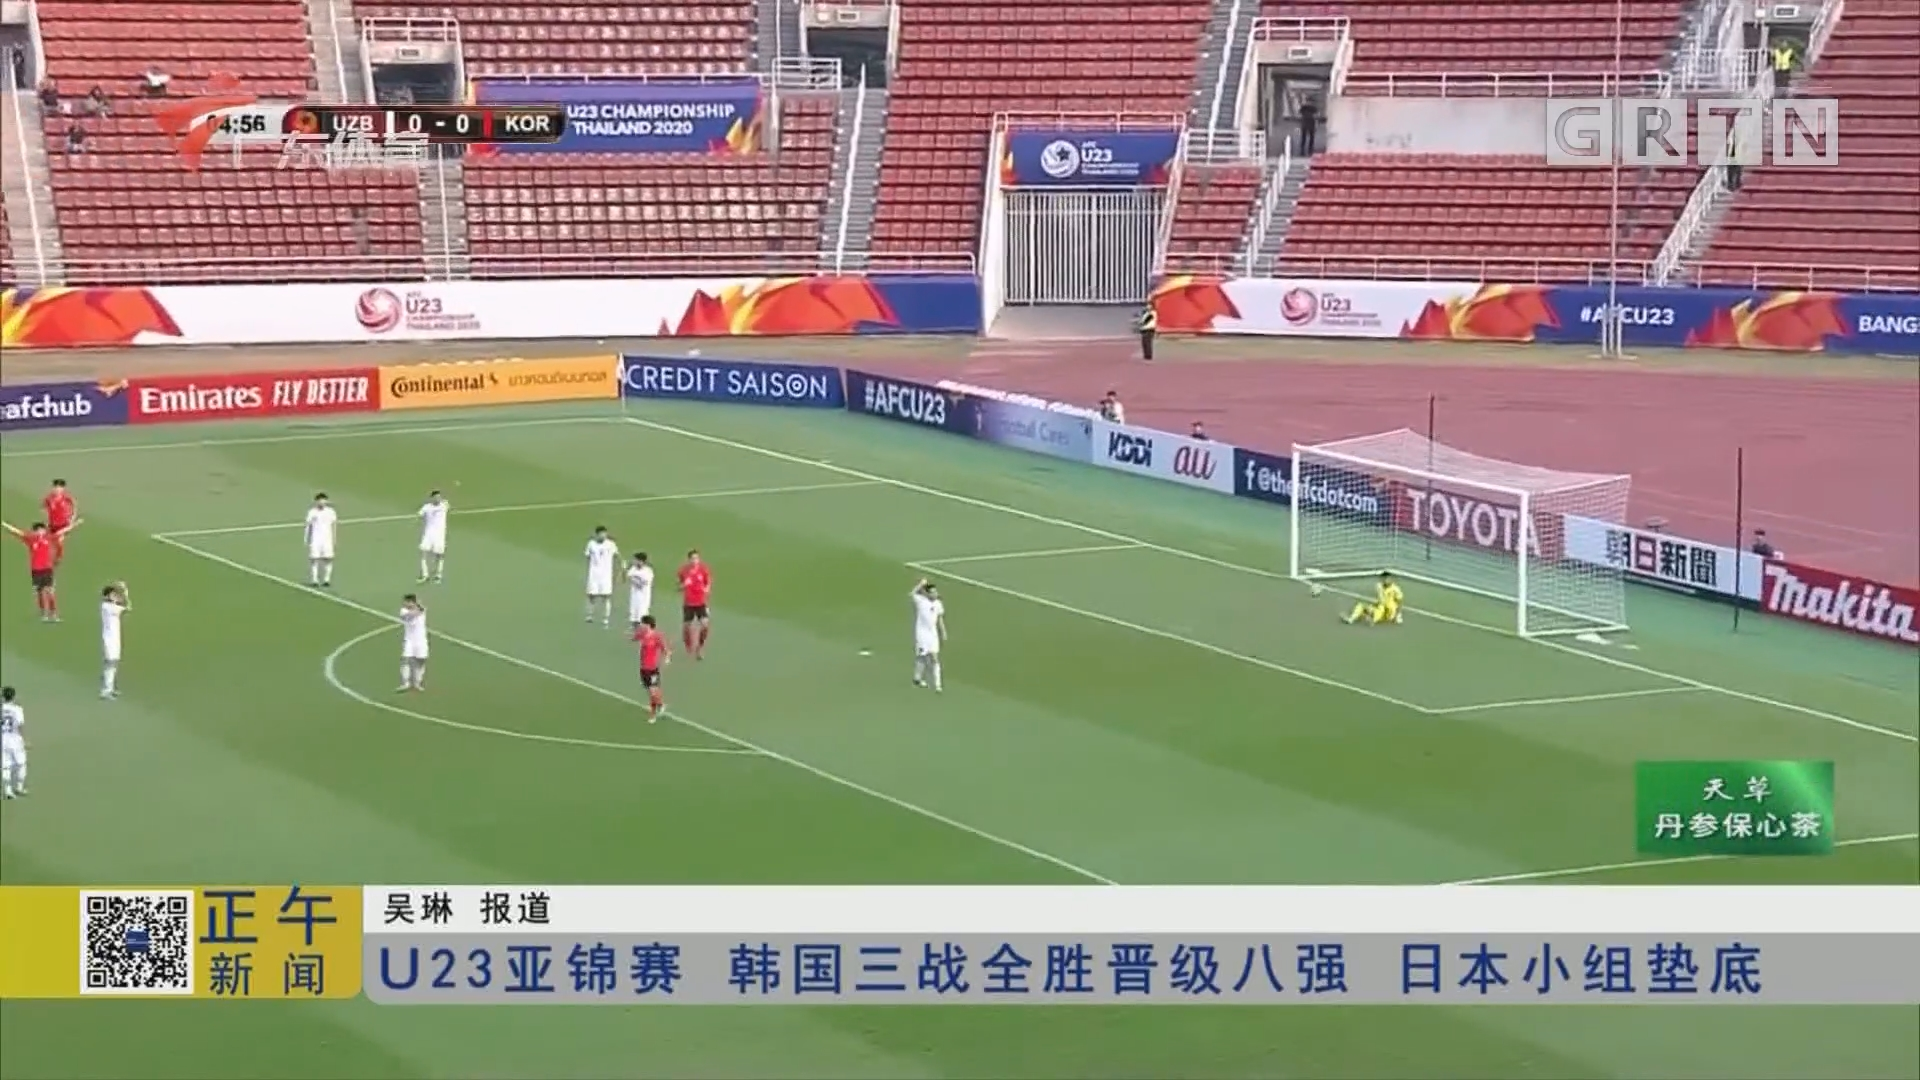 U23亚锦赛 韩国三战全胜晋级八强 日本小组垫底